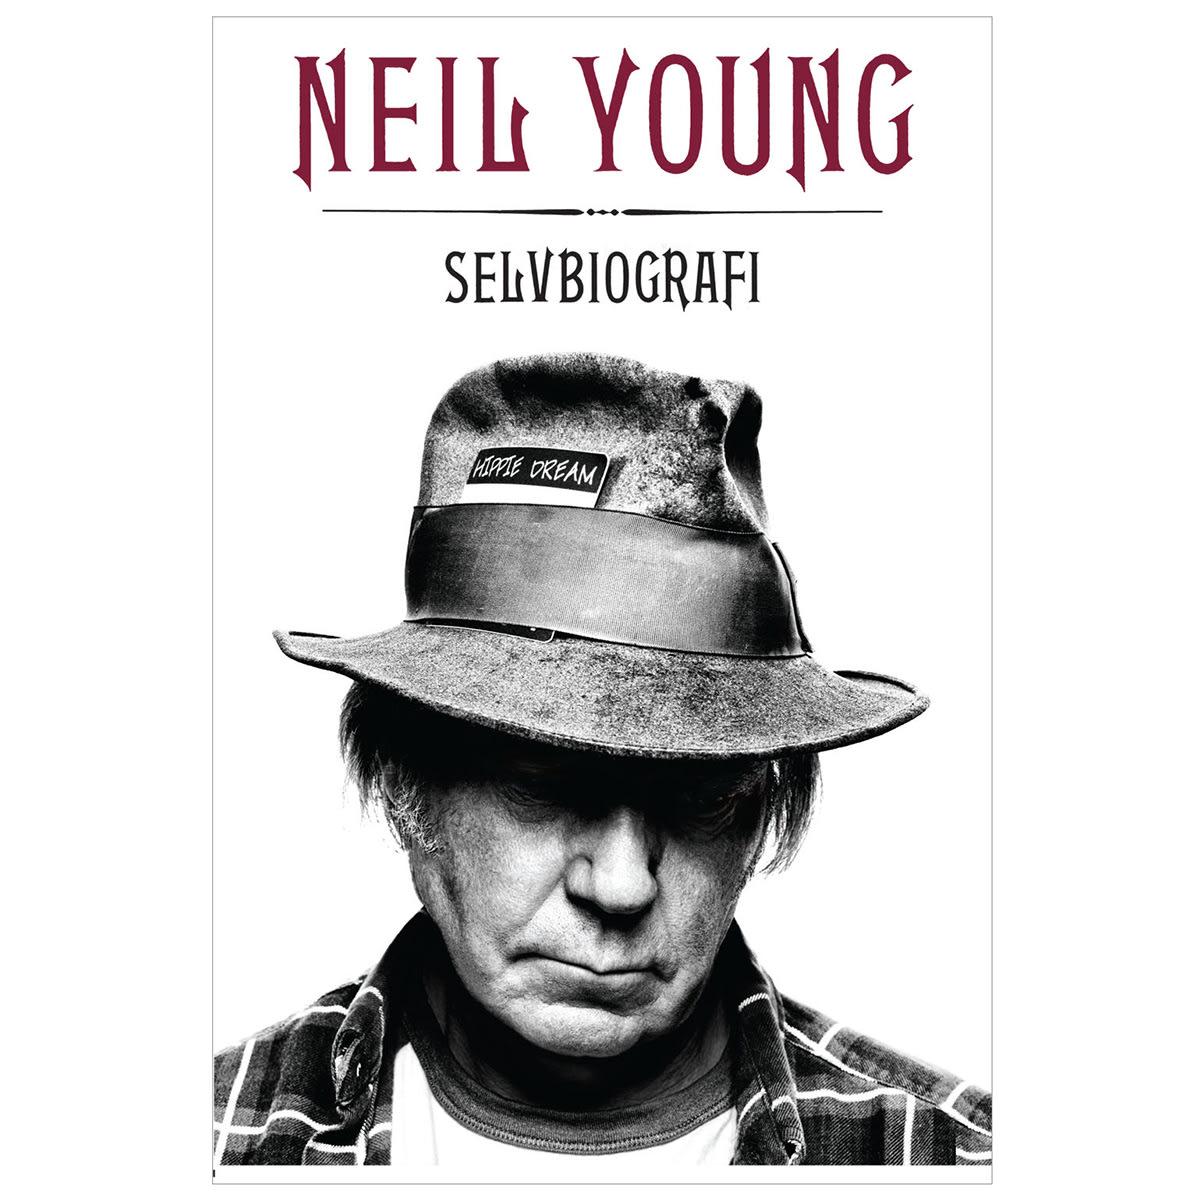 Af Neil Young